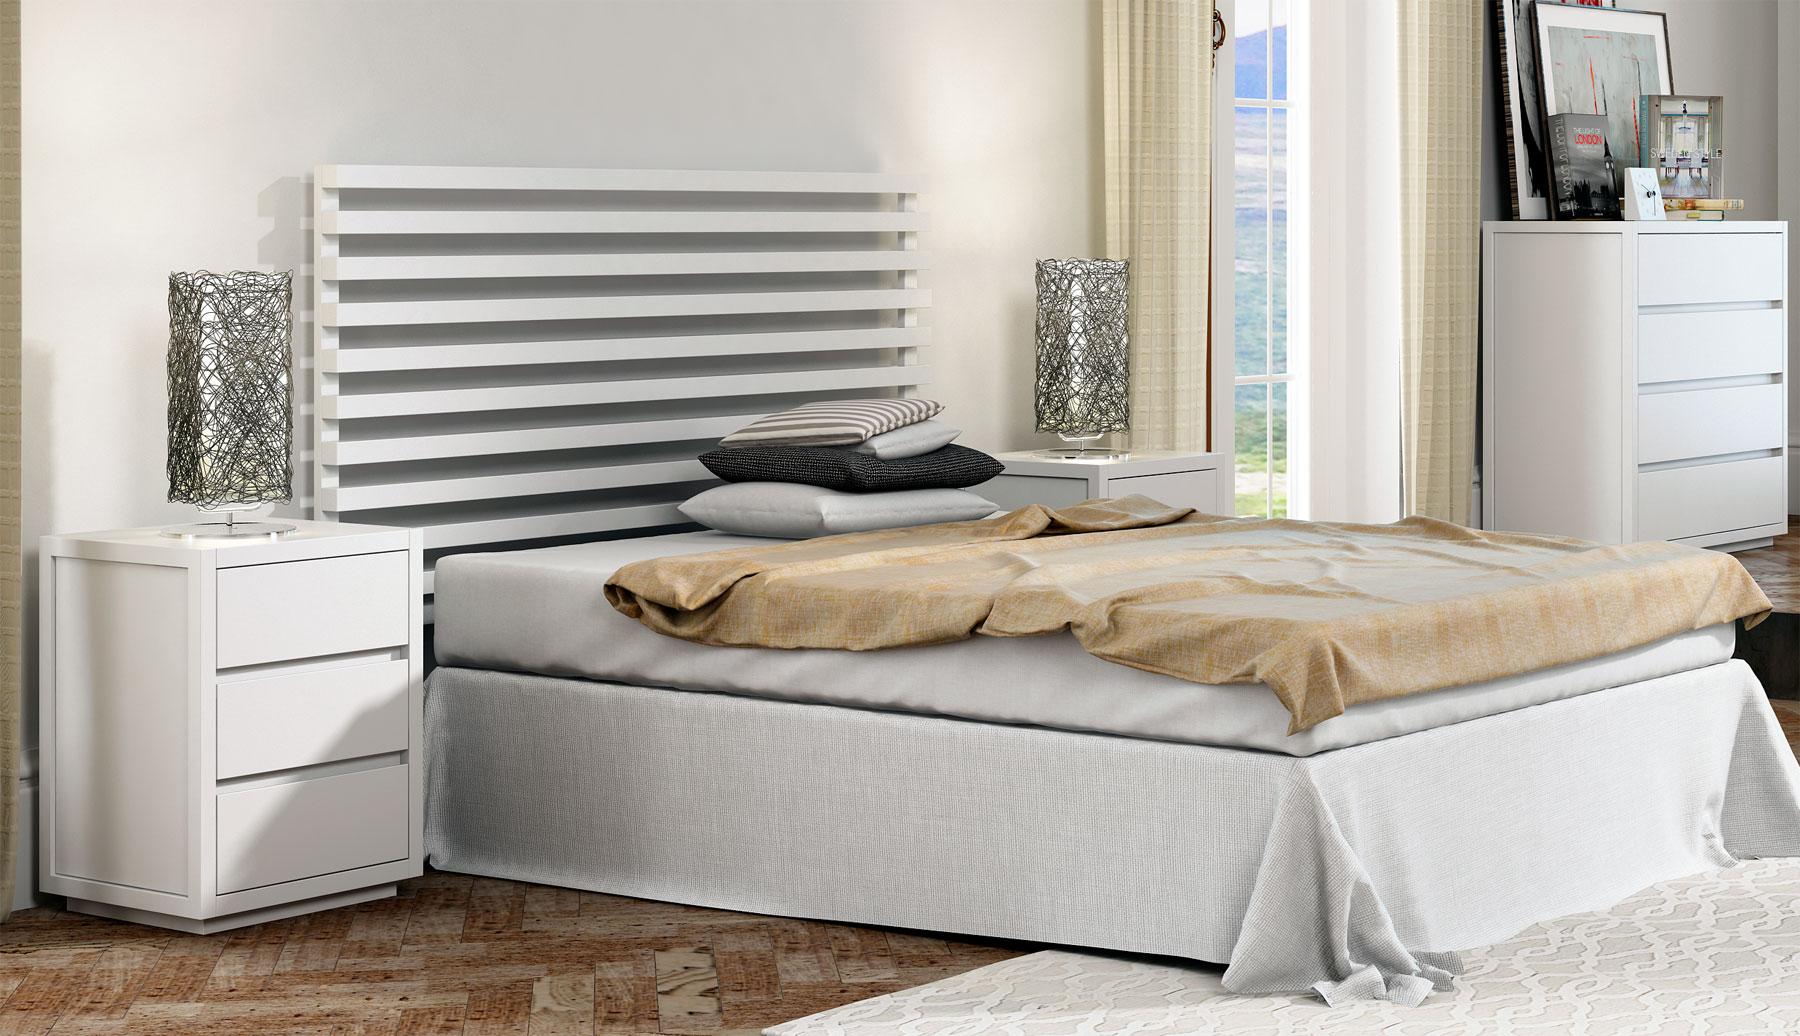 Revista muebles mobiliario de dise o for Muebles para dormitorio